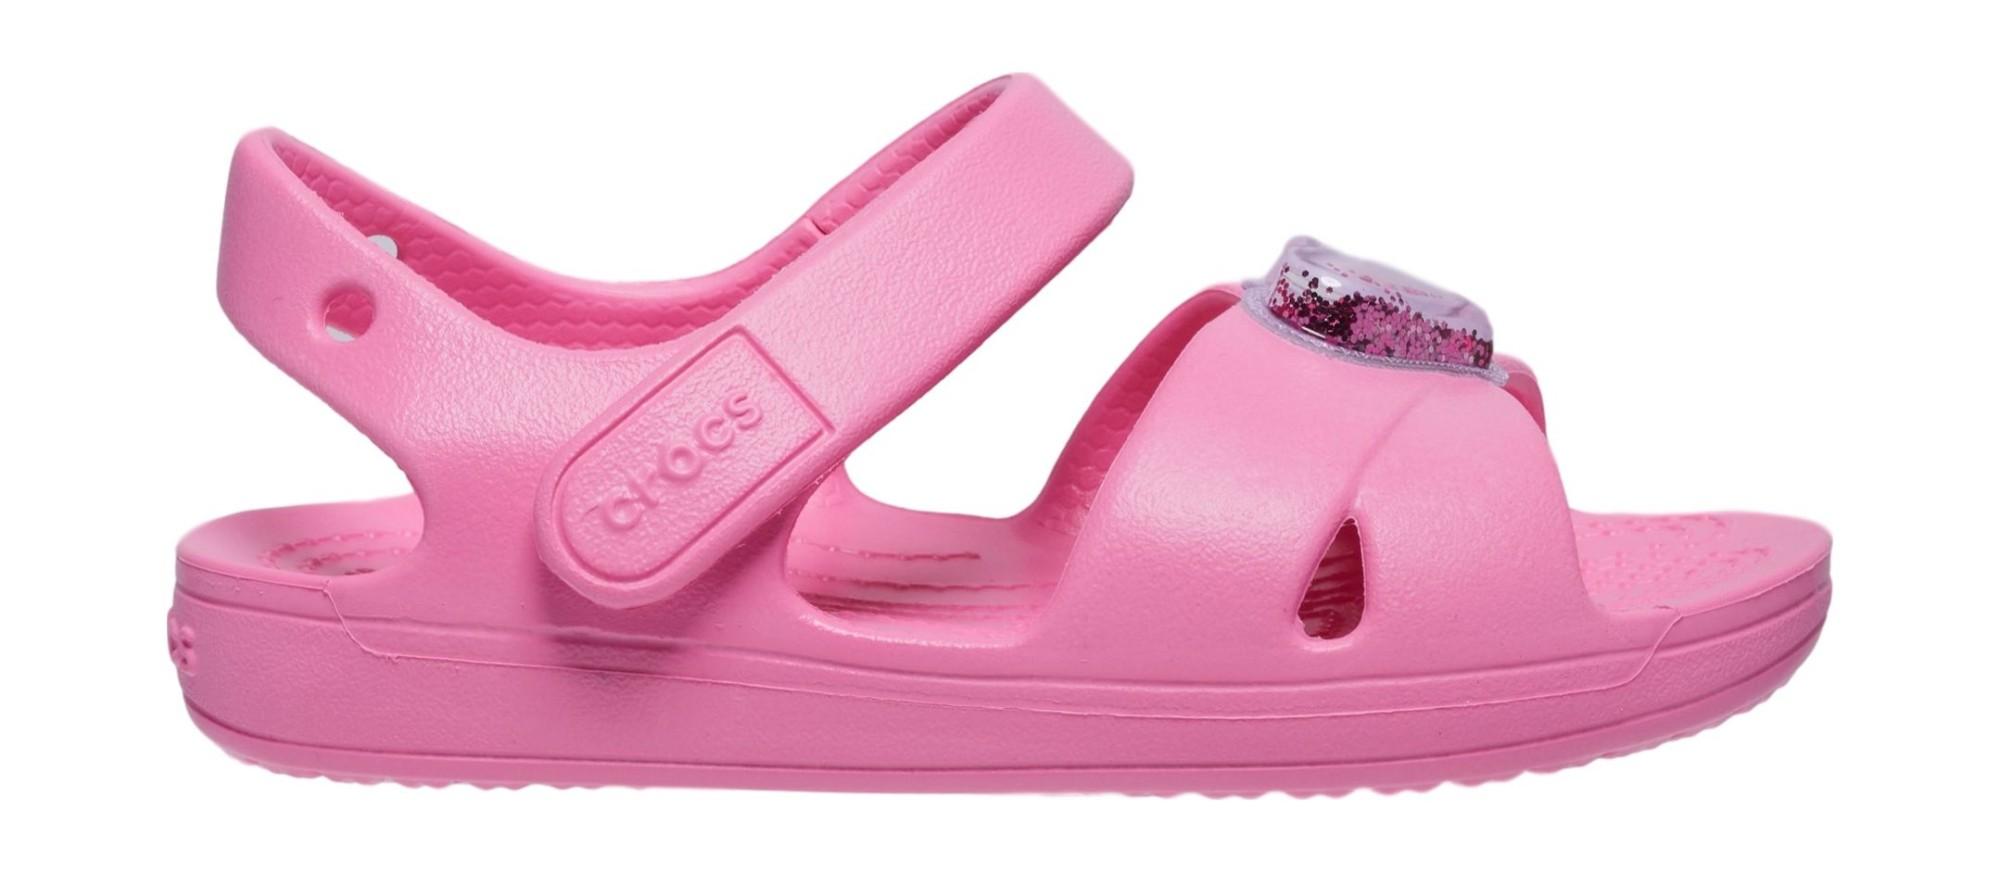 Crocs™ Classic Cross Strap Charm Sandal T Pink Lemonade 29